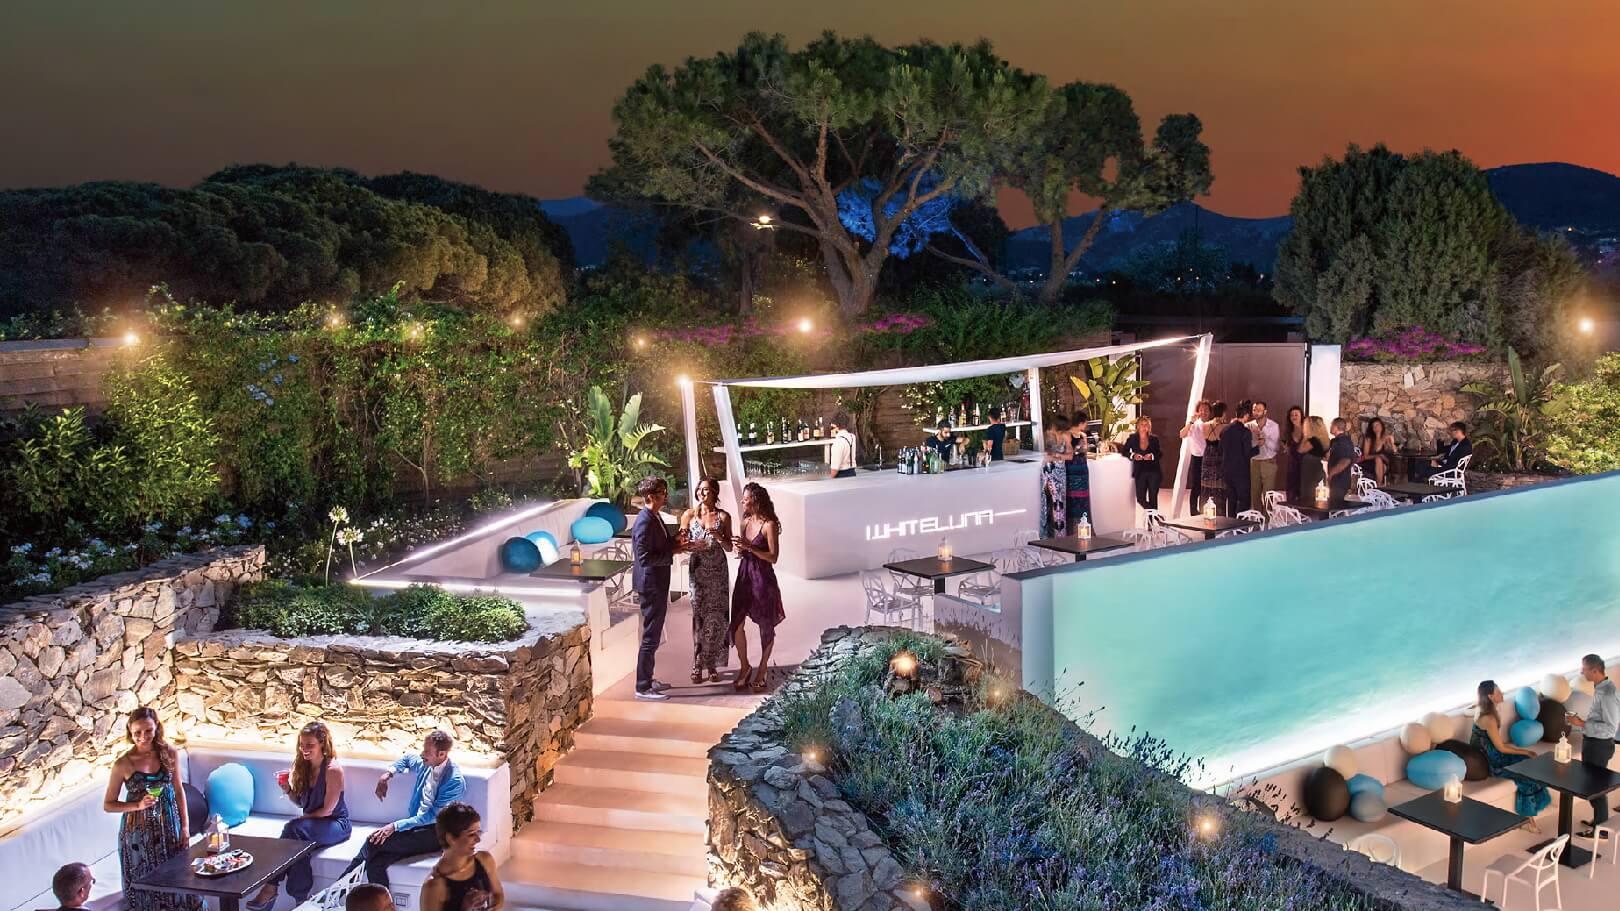 https://www.chialagunaresort.com/wp-content/uploads/2021/05/IHC_Chia-Laguna-Resort_grid_nightlife.jpg